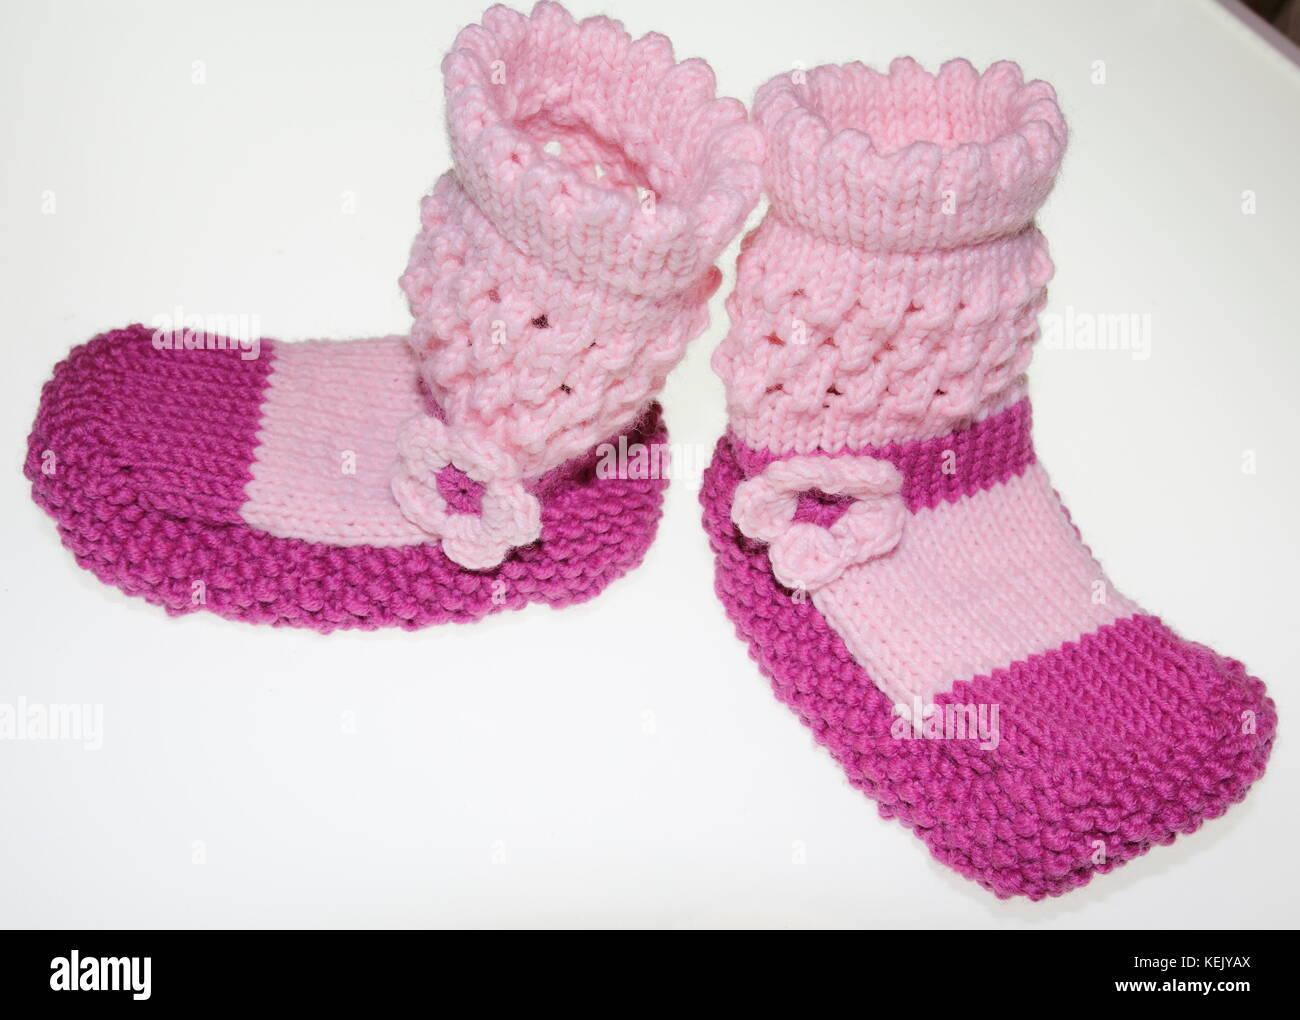 Mädchen Baby Socken, Strümpfe, gestrickt in Pink, Rosa - Stock Image